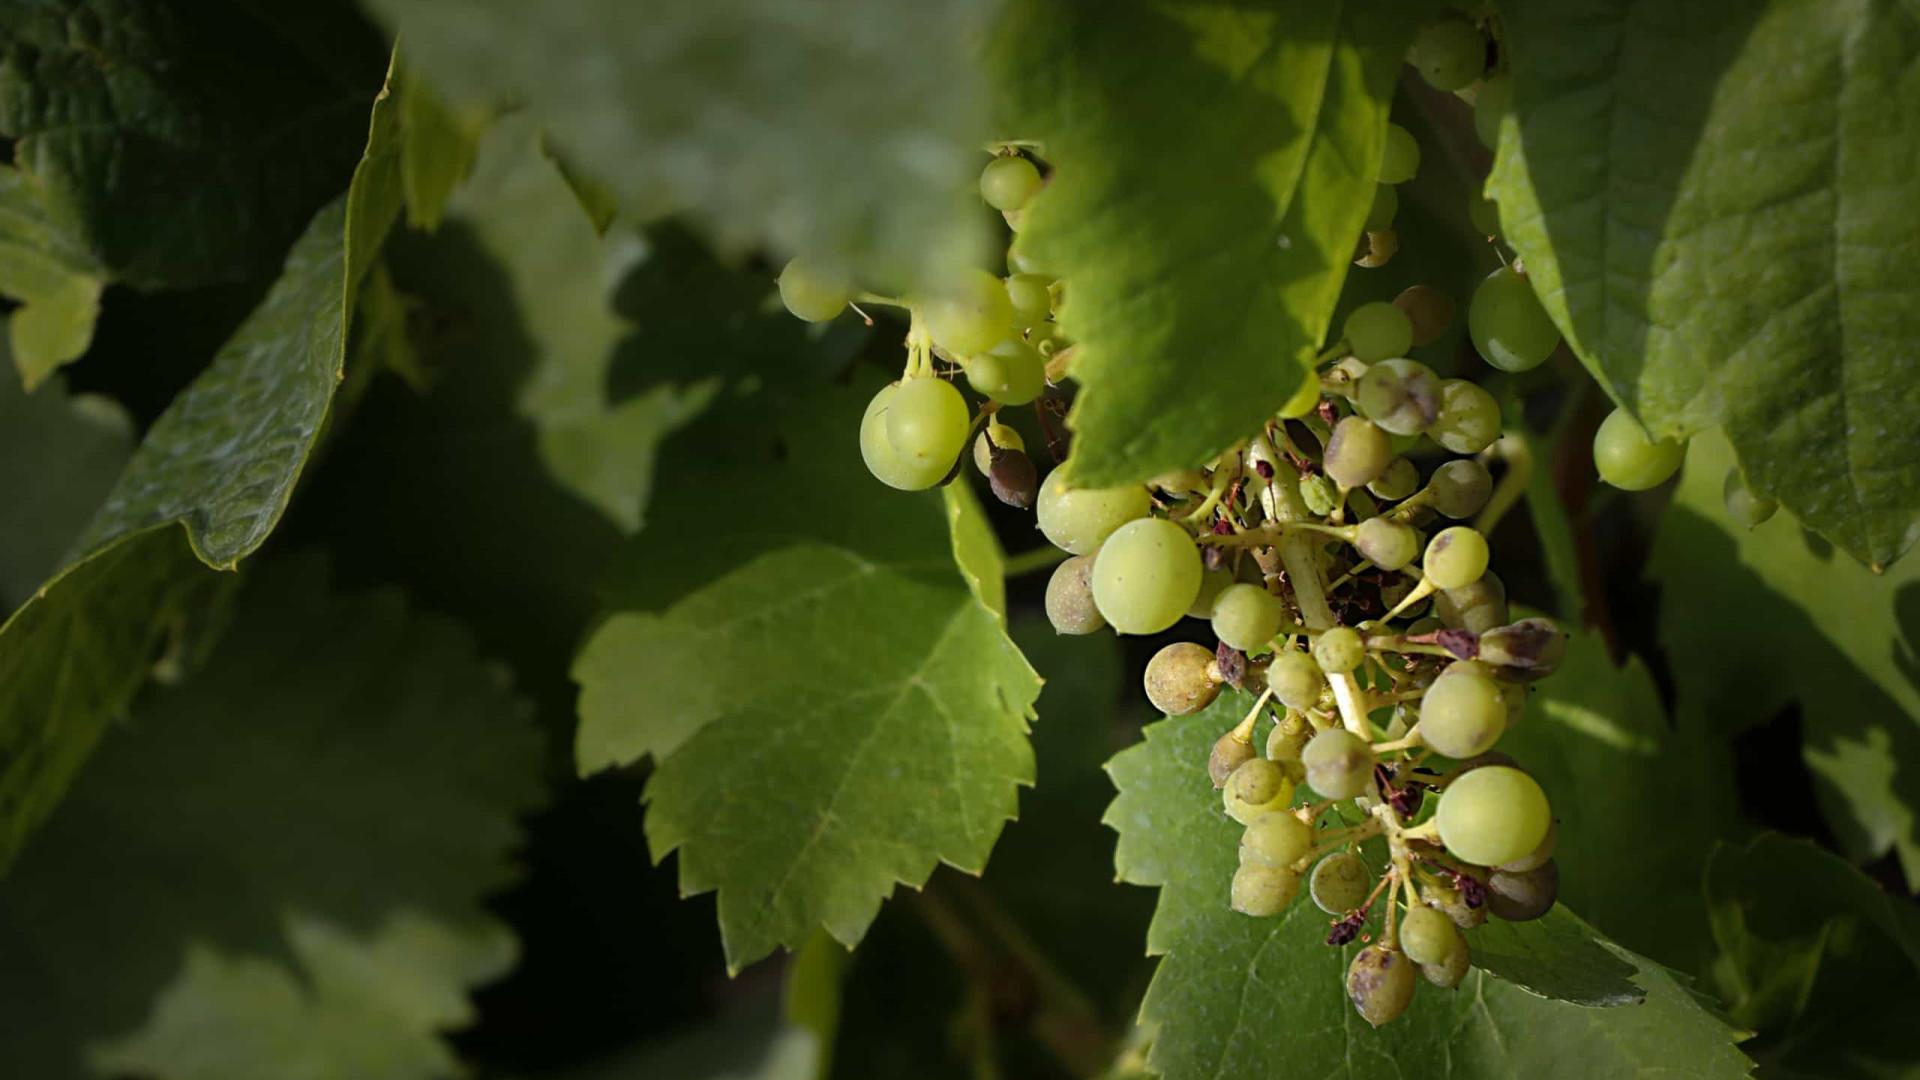 Produtores de uva vão pedir ajuda ao governo devido a quebra de produção